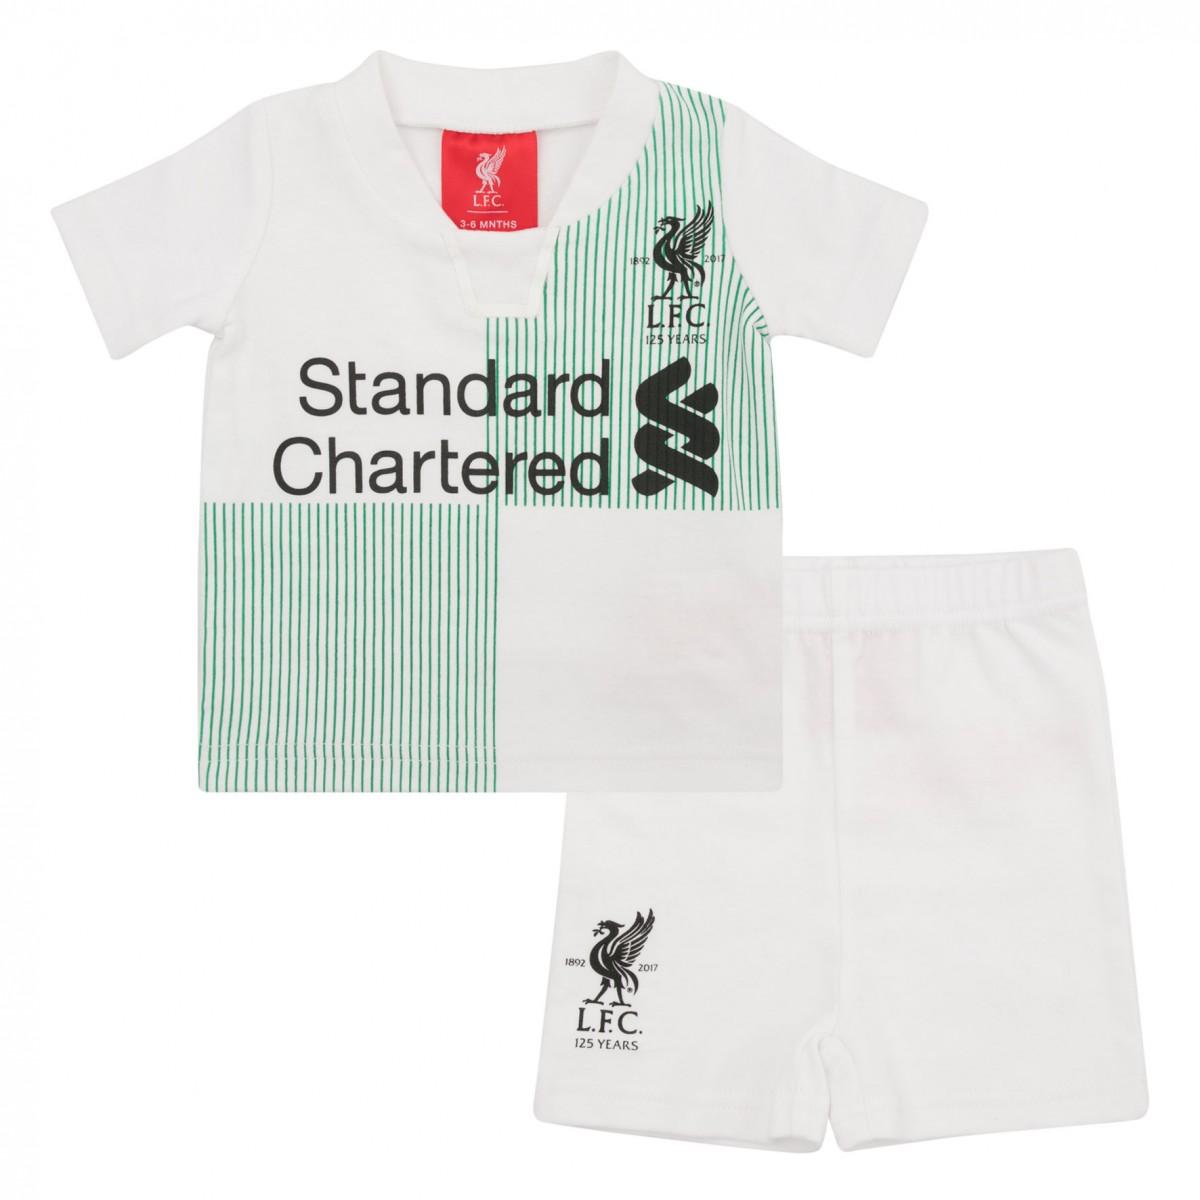 เสื้อกางเกงลิเวอร์พูล 125 ปีเด็กอ่อนฤดูกาล 2017 2018 ของแท้ Away Tee and Short Set 17/18